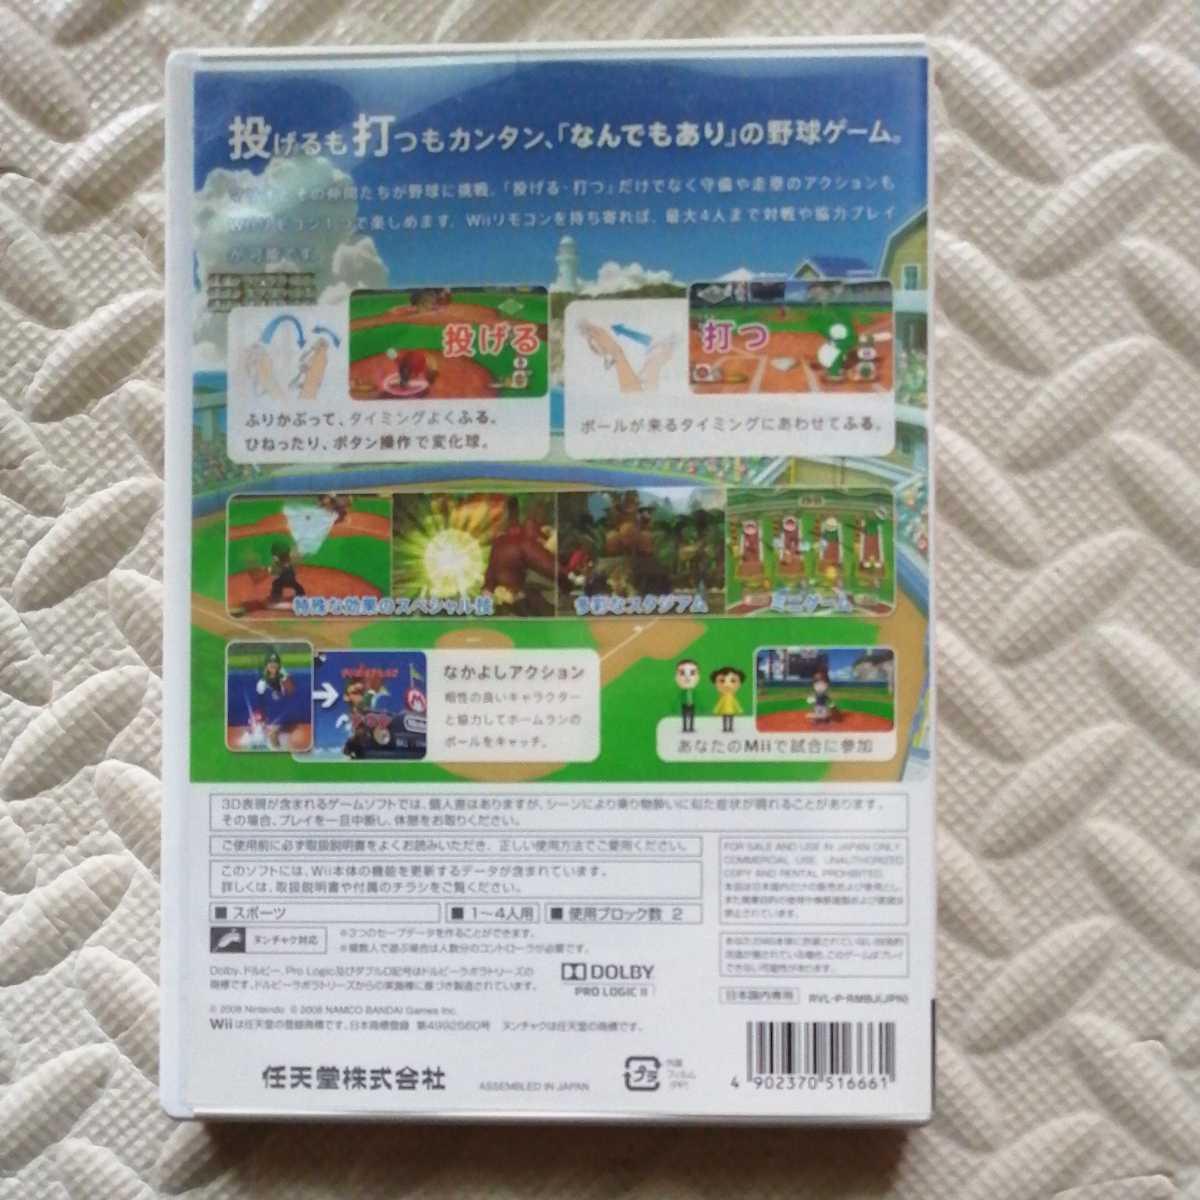 Wii スーパーマリオスタジアム ファミリーベースボール 動作確認済